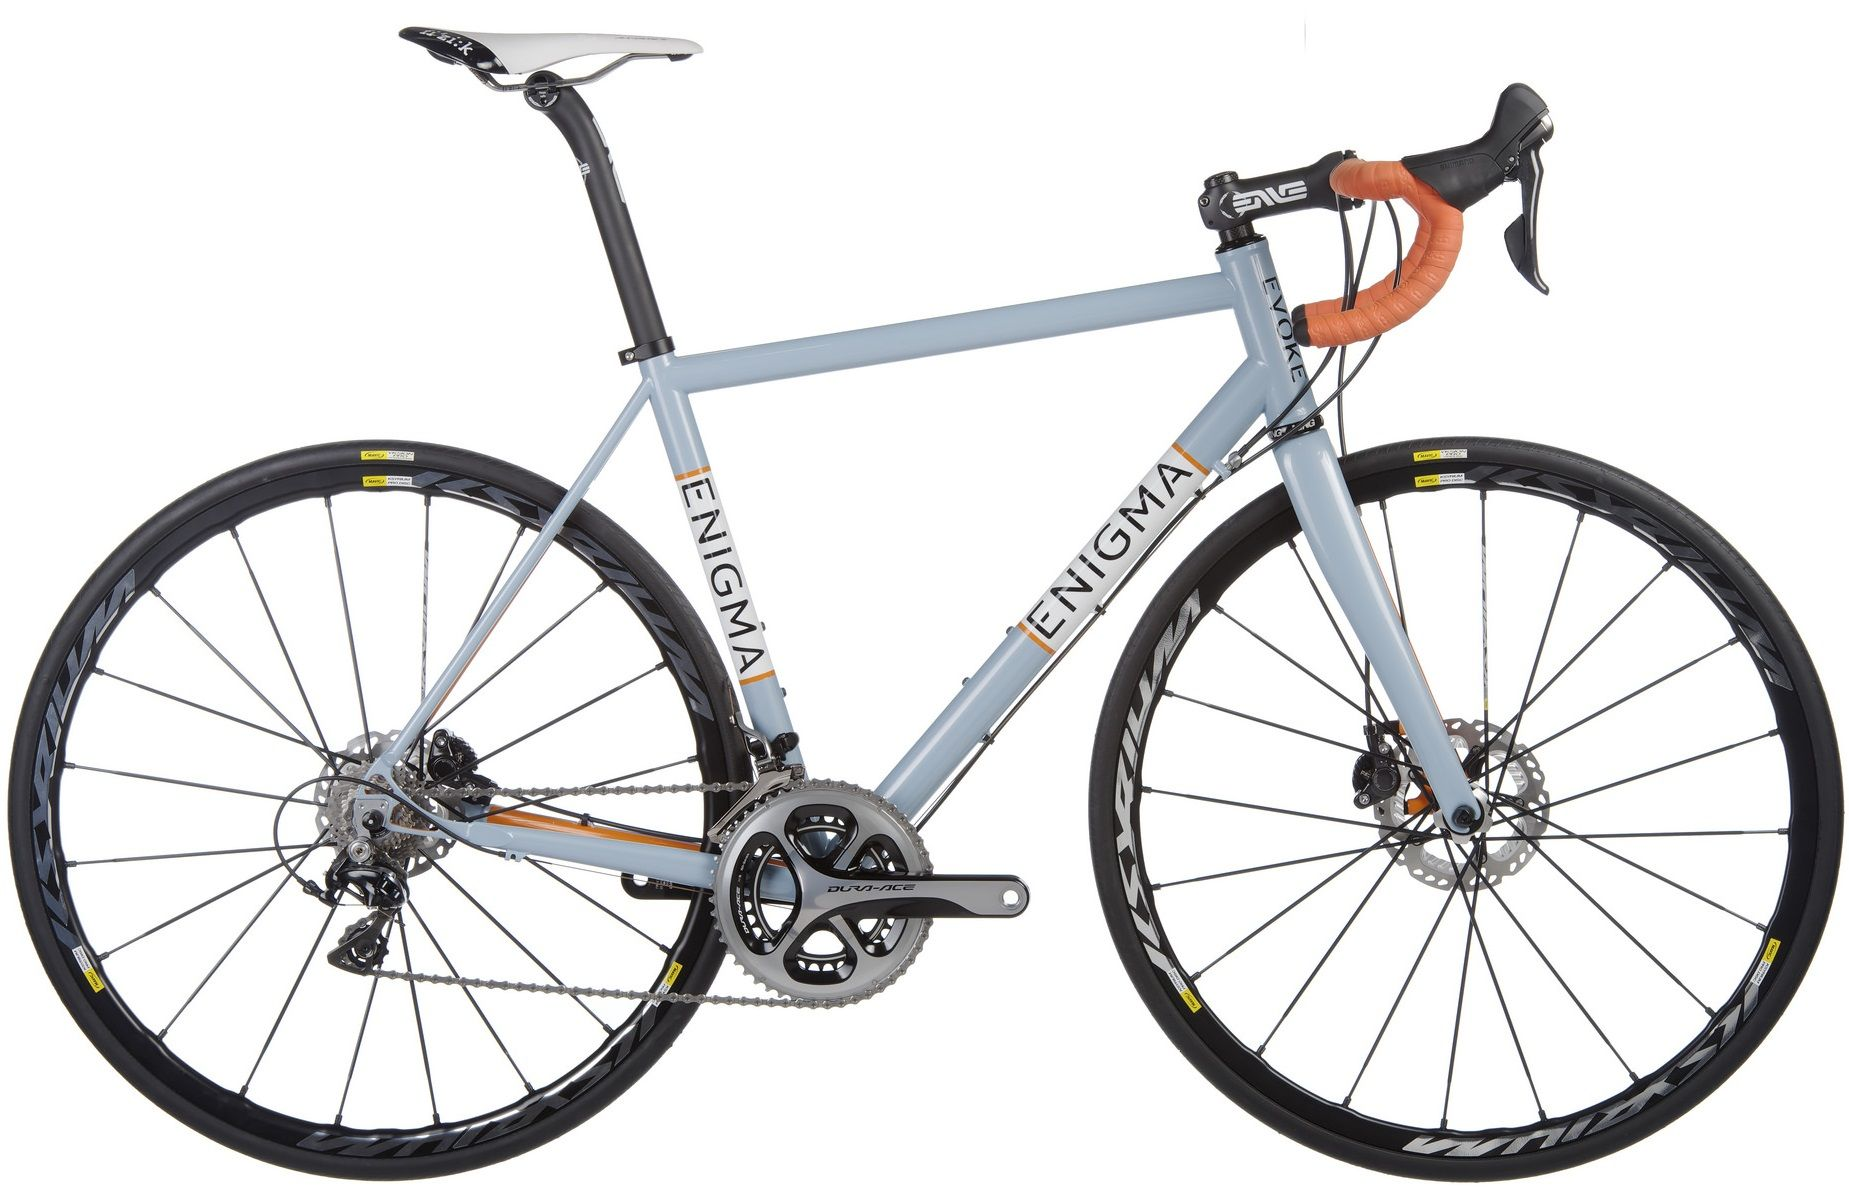 titanium bikes | Bike graphic design | Pinterest